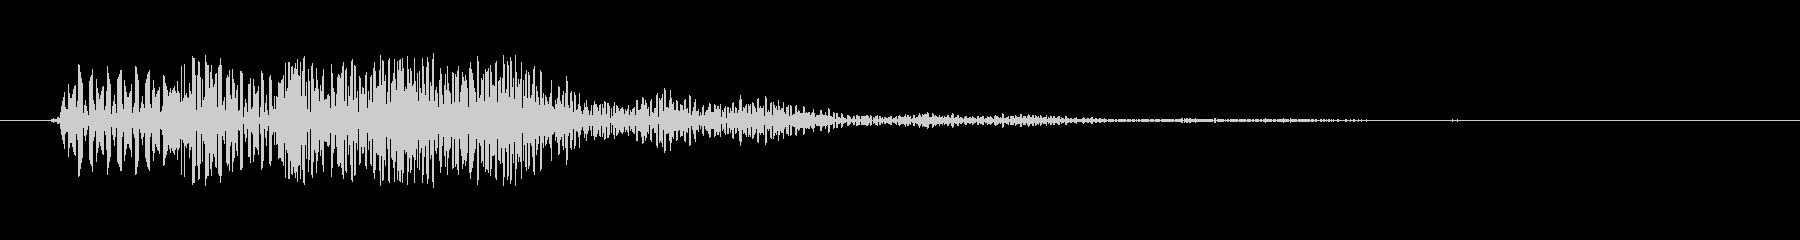 ファミコン風効果音決定音系です 21の未再生の波形